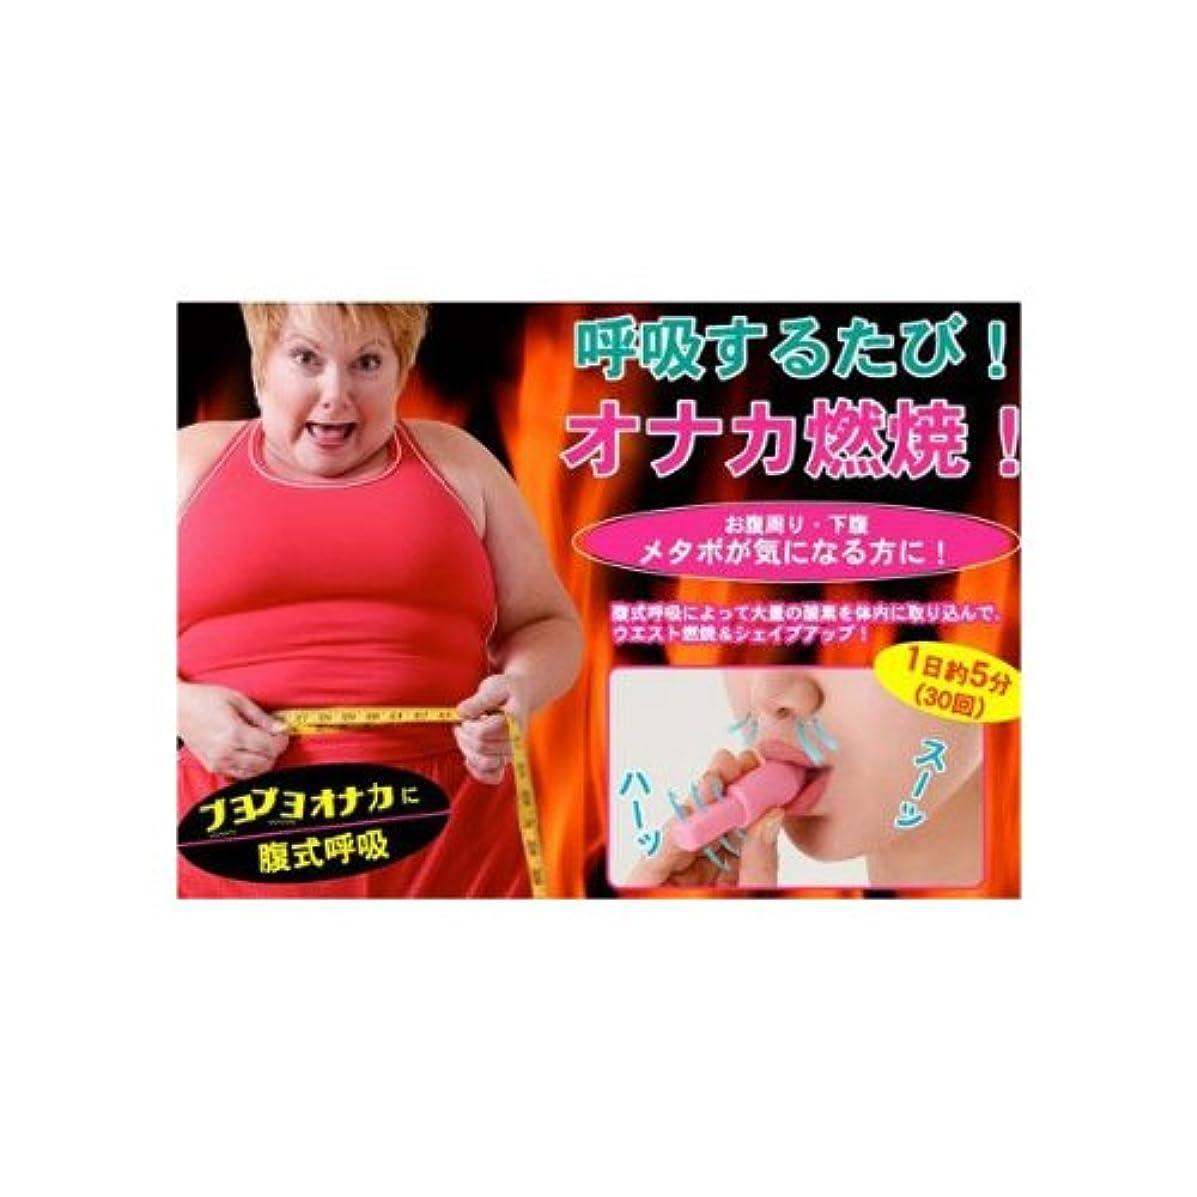 全体地球伝記腹式呼吸によってウエスト&エクササイズ!腹式呼吸ダイエット『カロリーブレス』